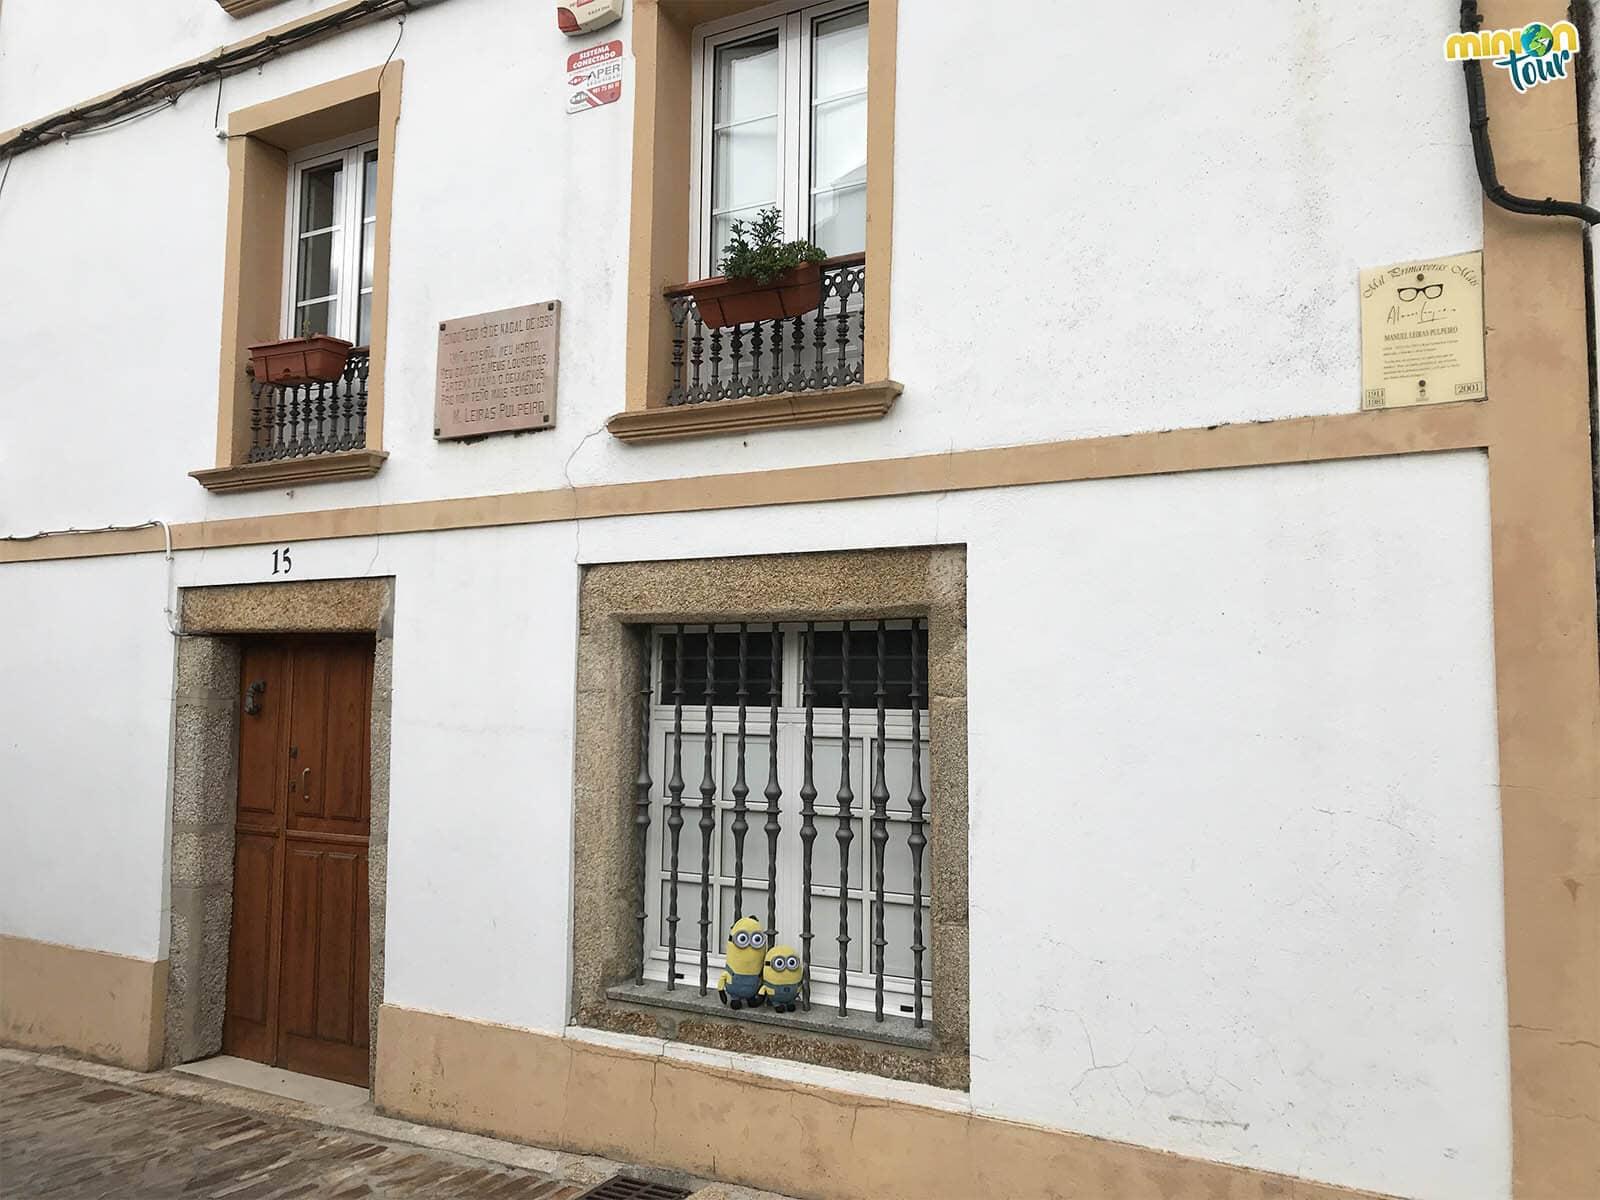 Esta es una de las casas en las que vivió Leiras Pulpeiro